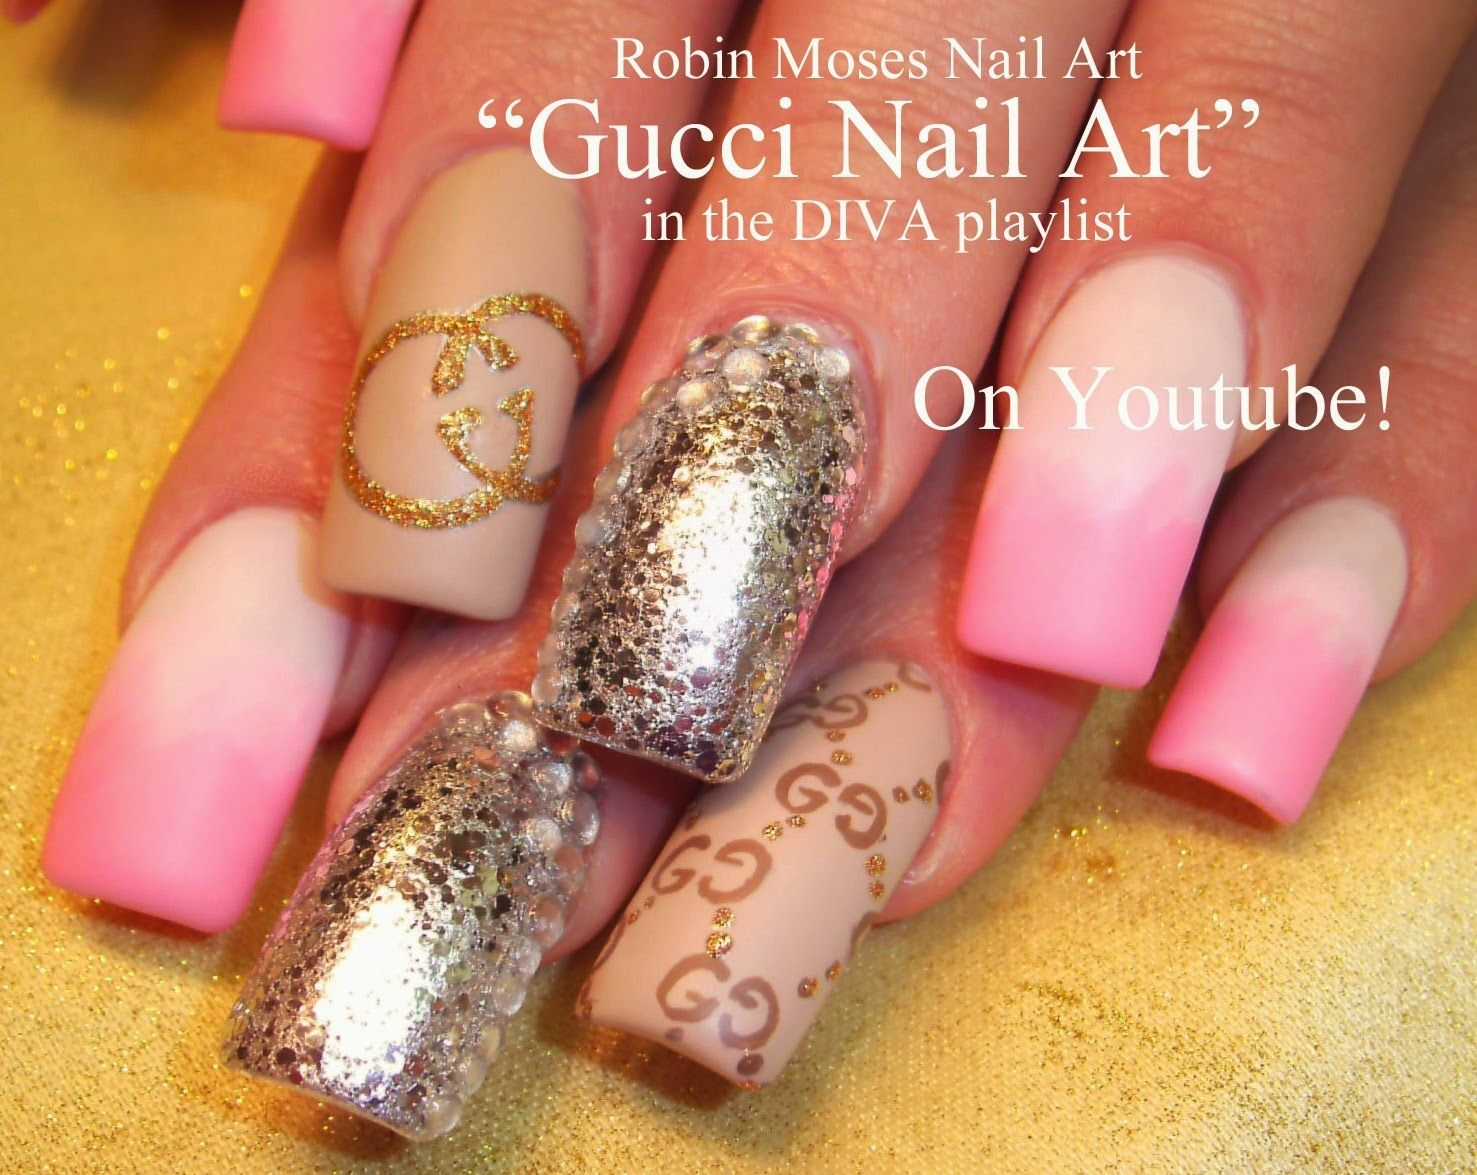 Gucci Nail Art Gucci Nails Designer Nail Art Nail Art Robin